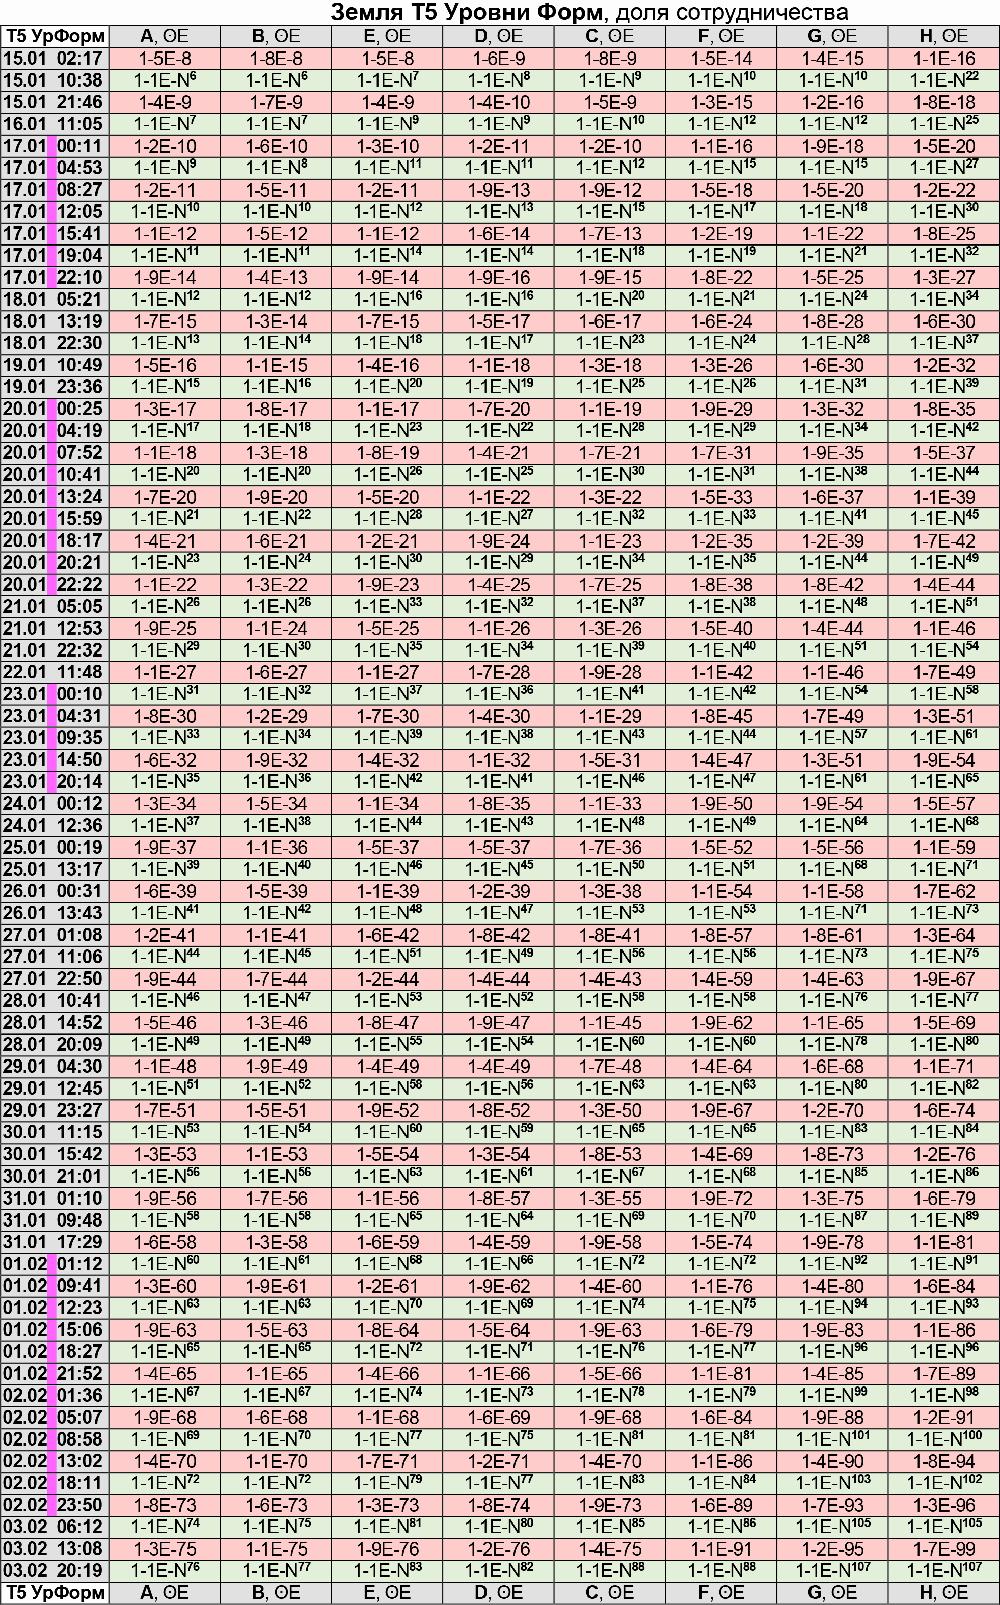 Энергии Земли по уровню Форм 15.01 - 03.02.2021